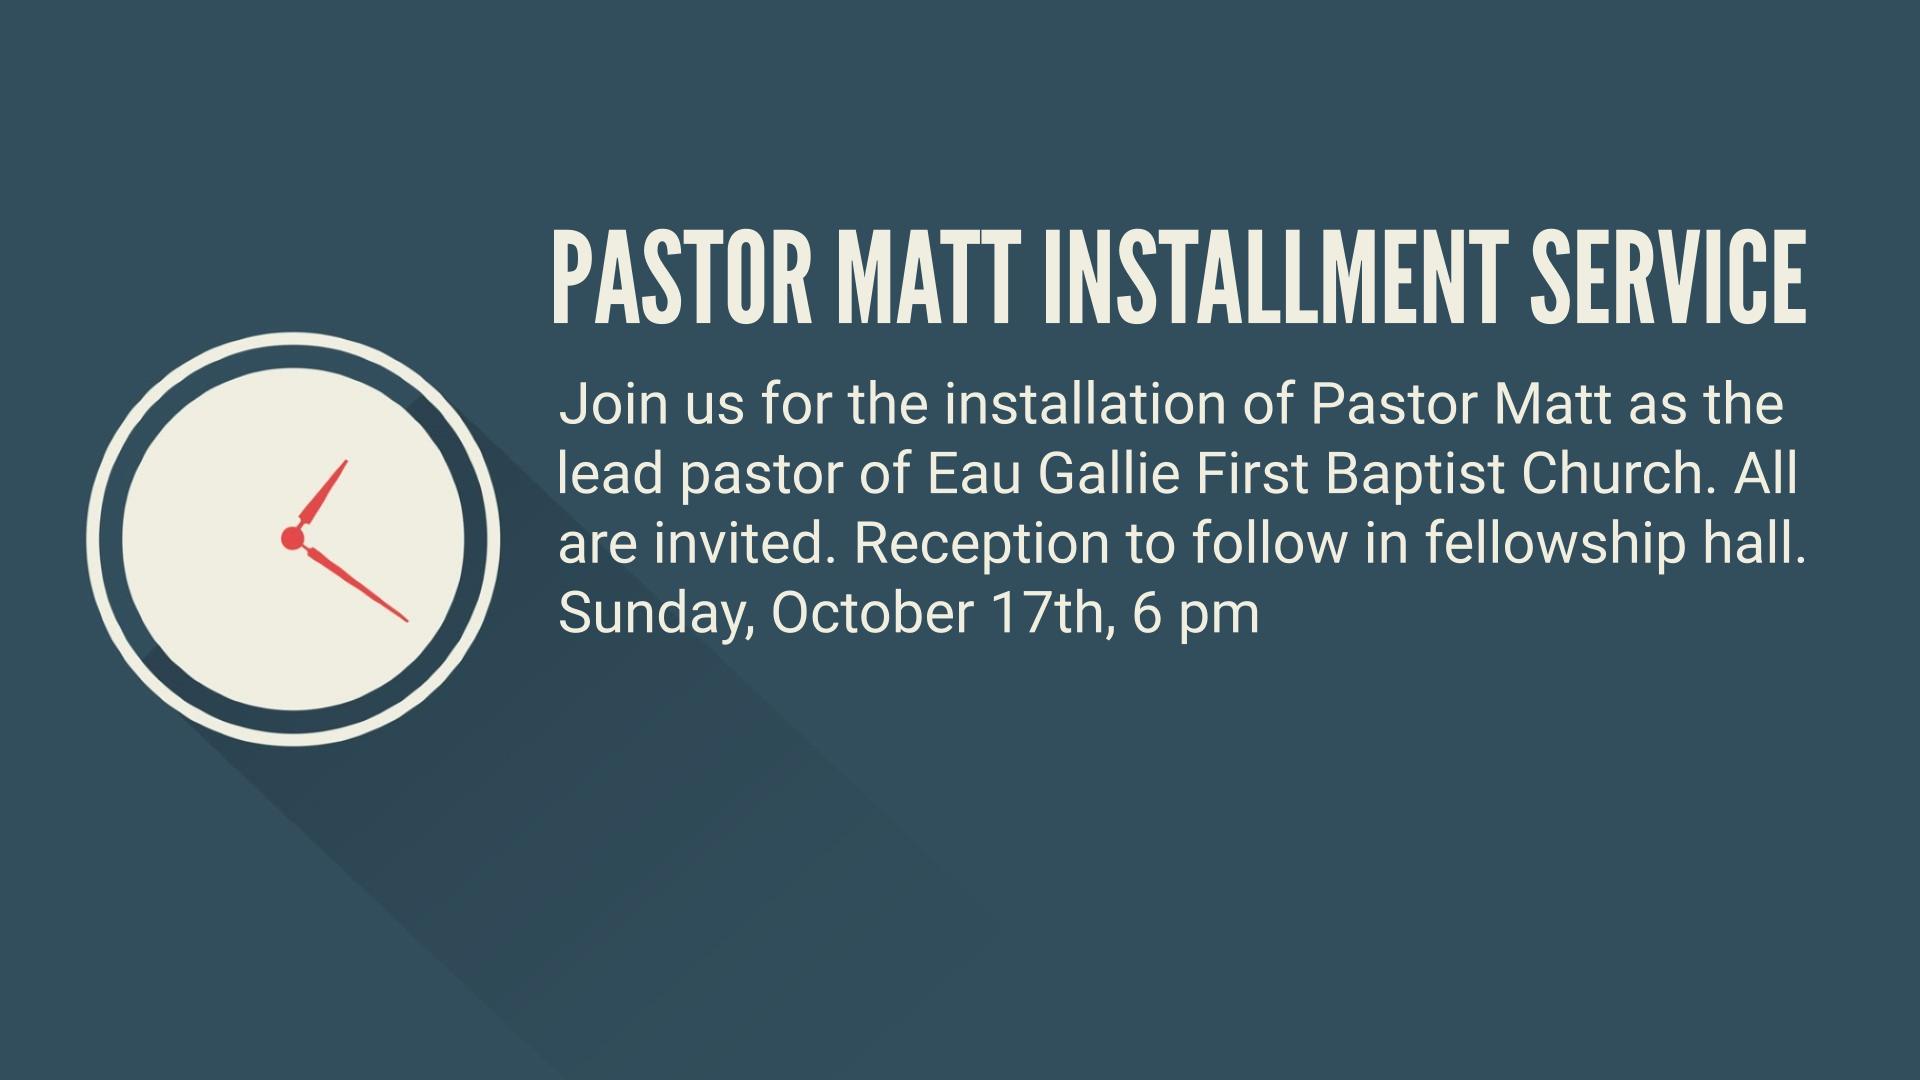 Pastor Matt Installment Service